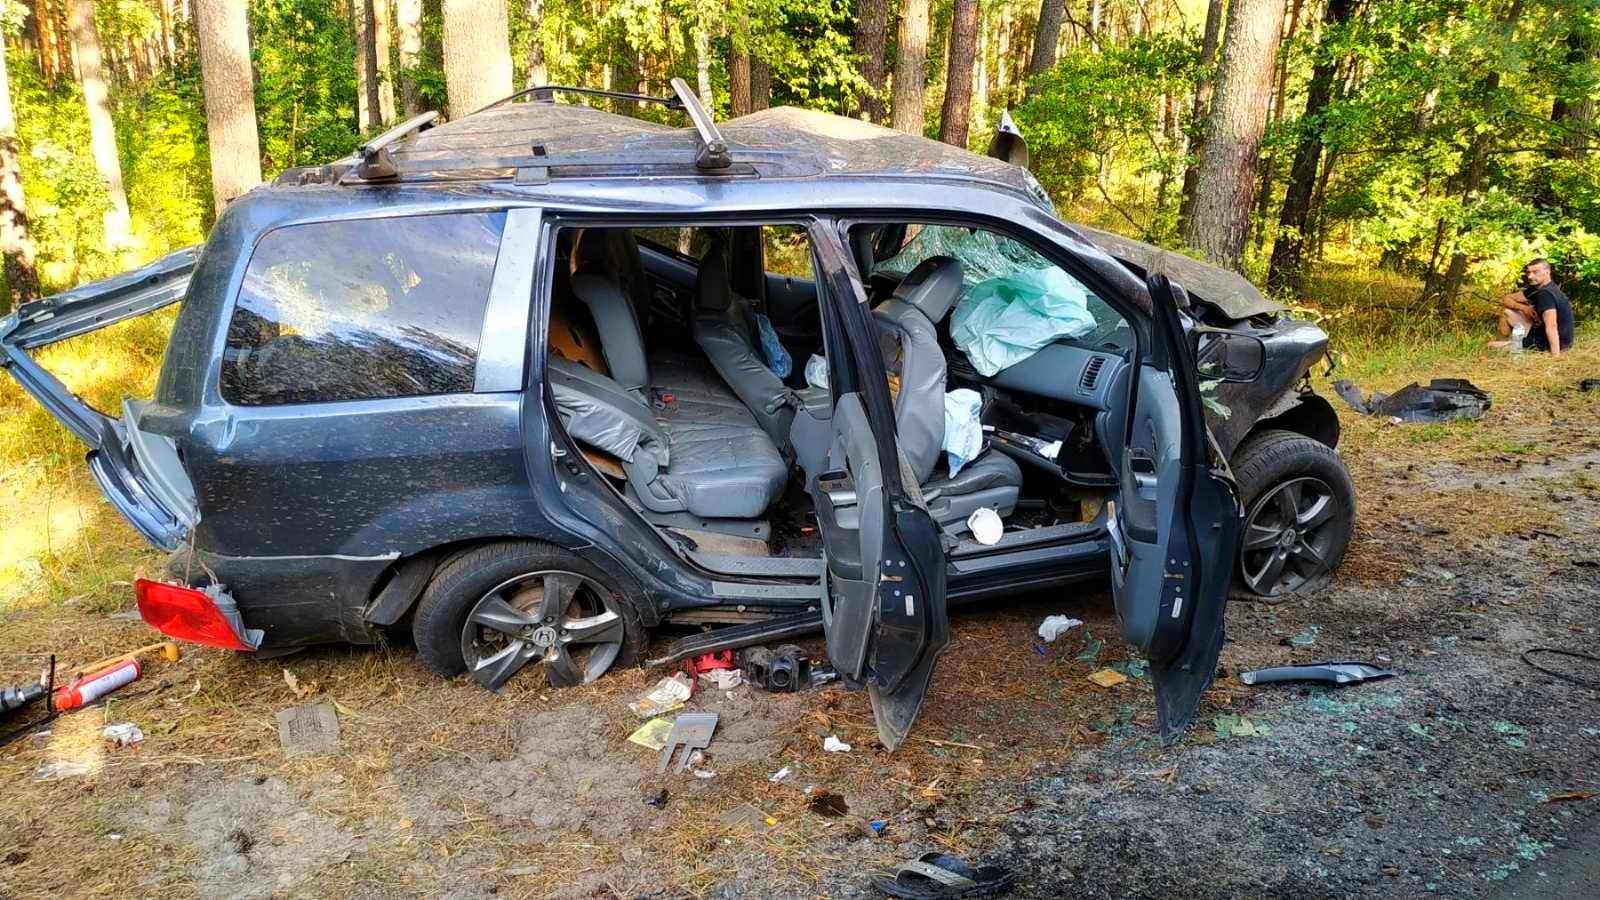 На Бородянщині водій не впорався із керуванням авто та врізався у дерево - ДТП, Аварія на дорозі, Аварія - 01